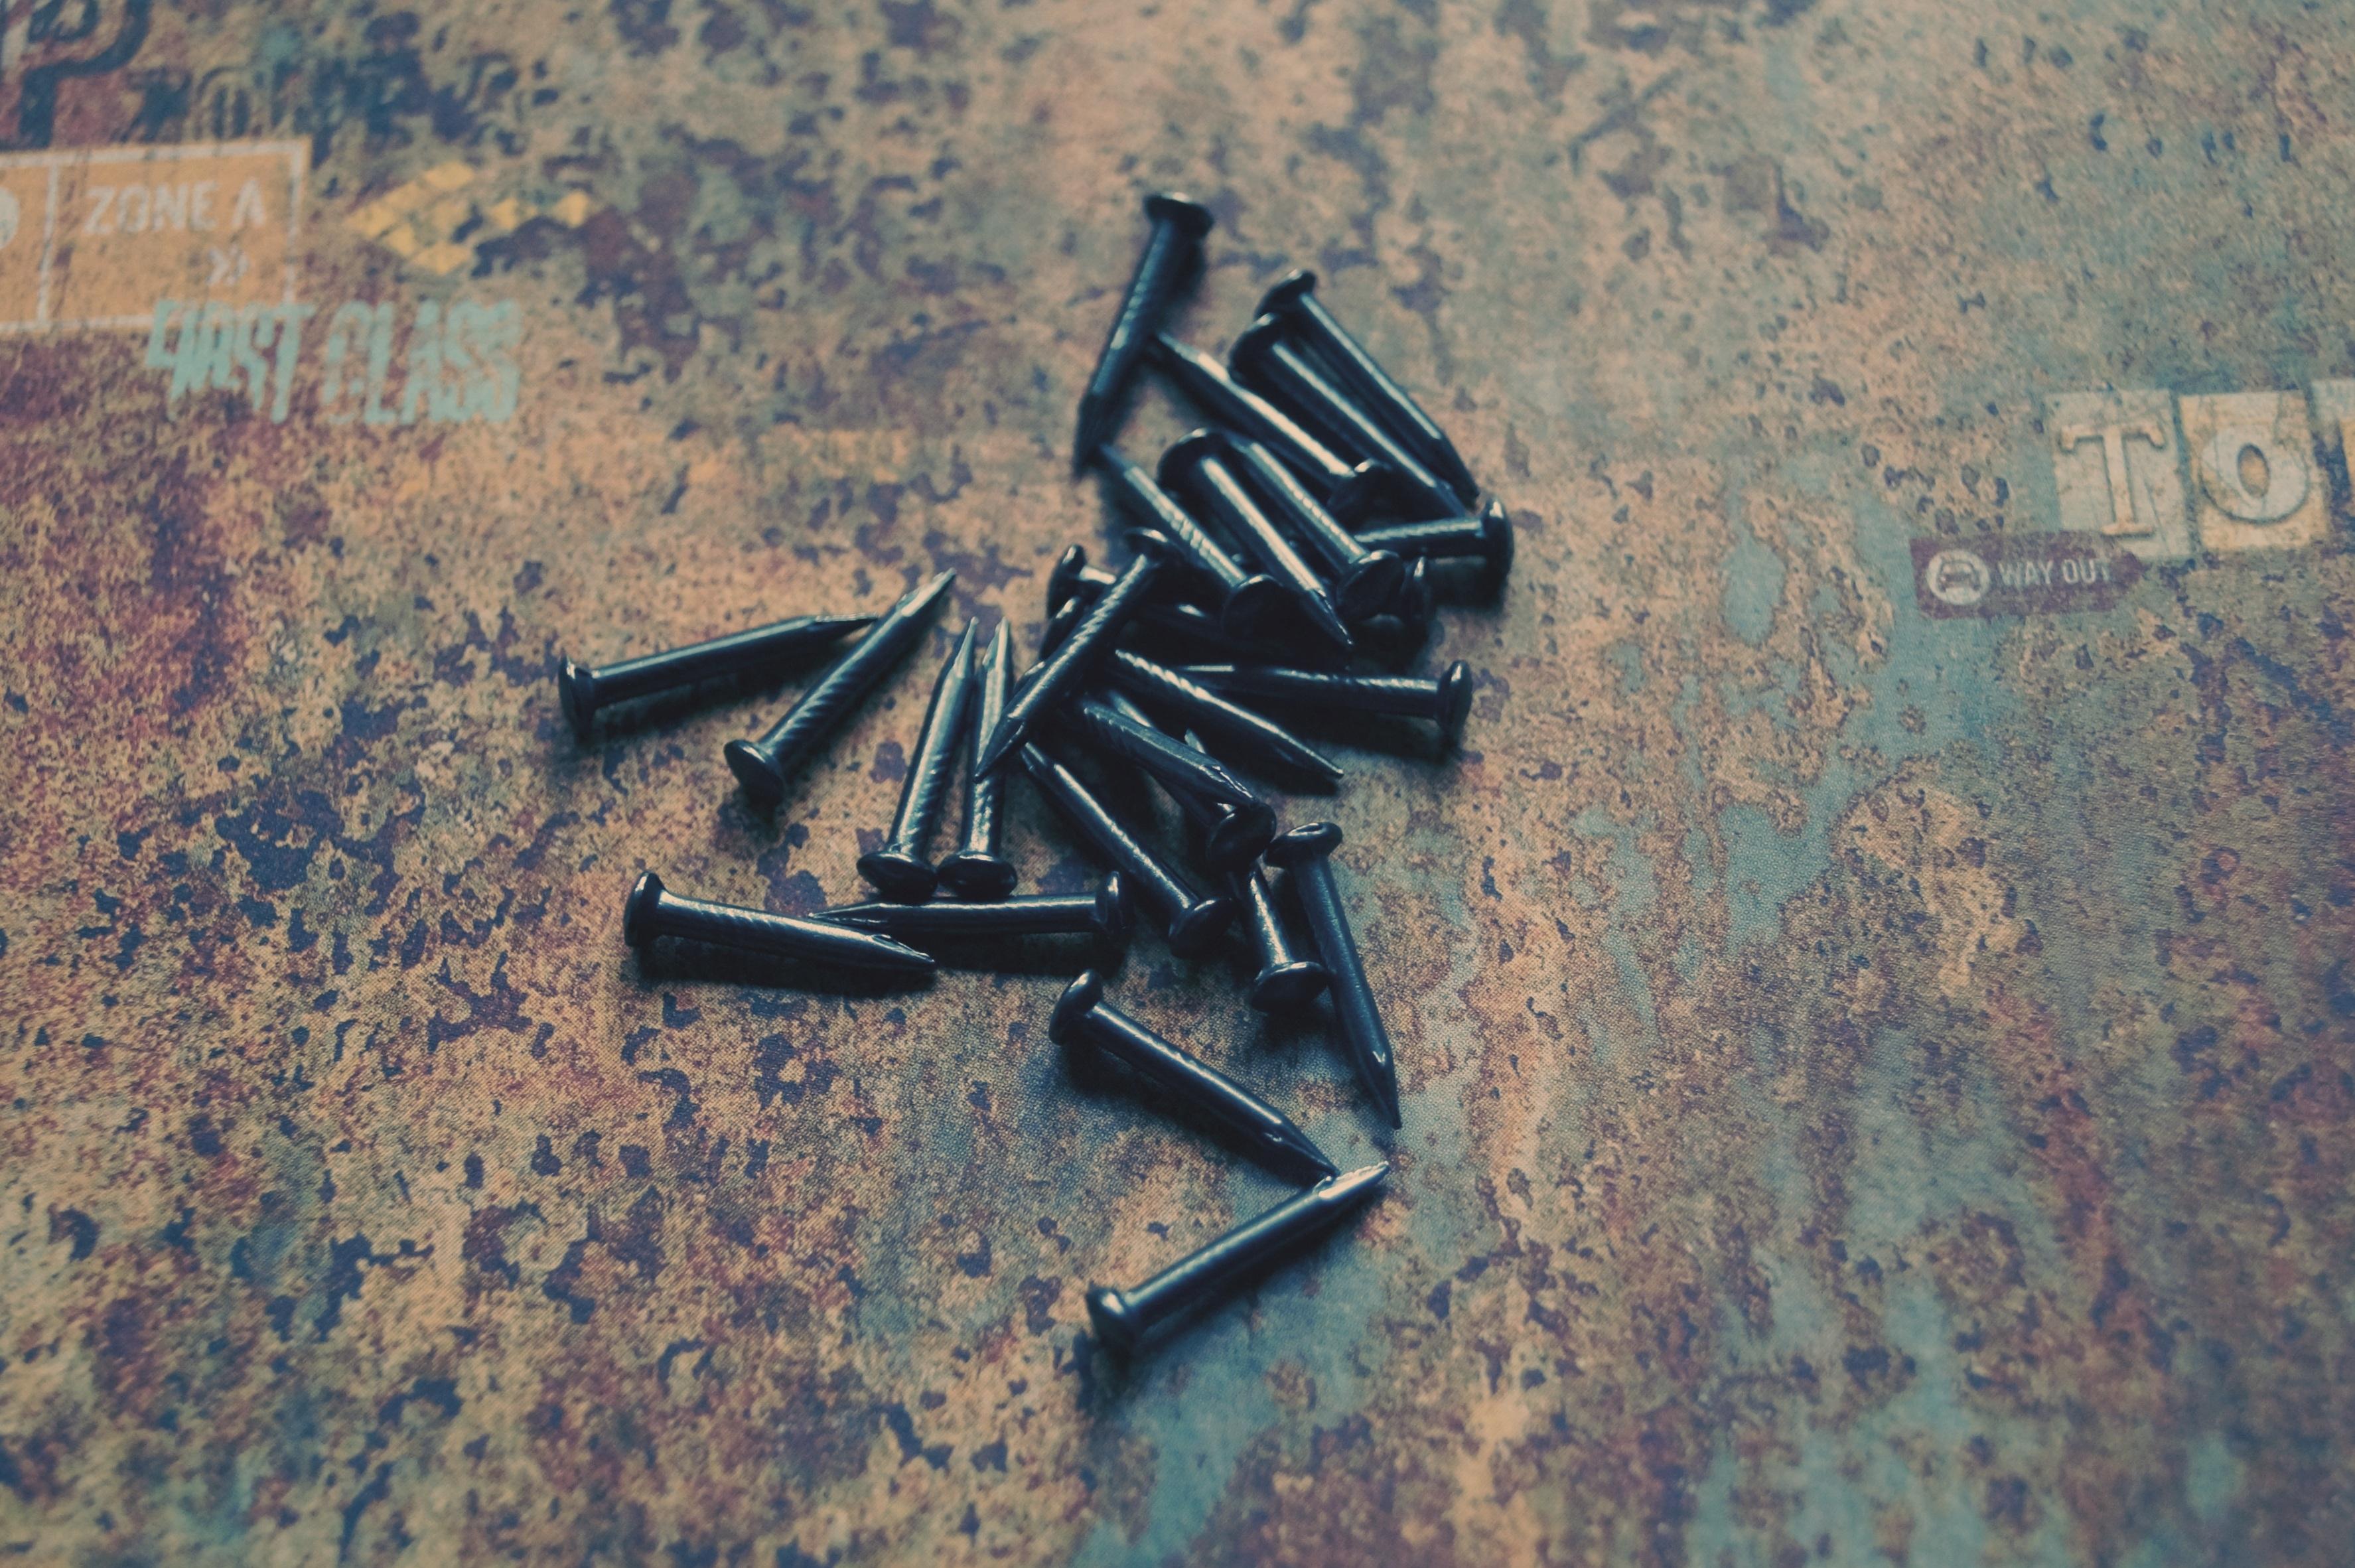 Fotos gratis : trabajo, número, herramienta, reparar, arte, art ...